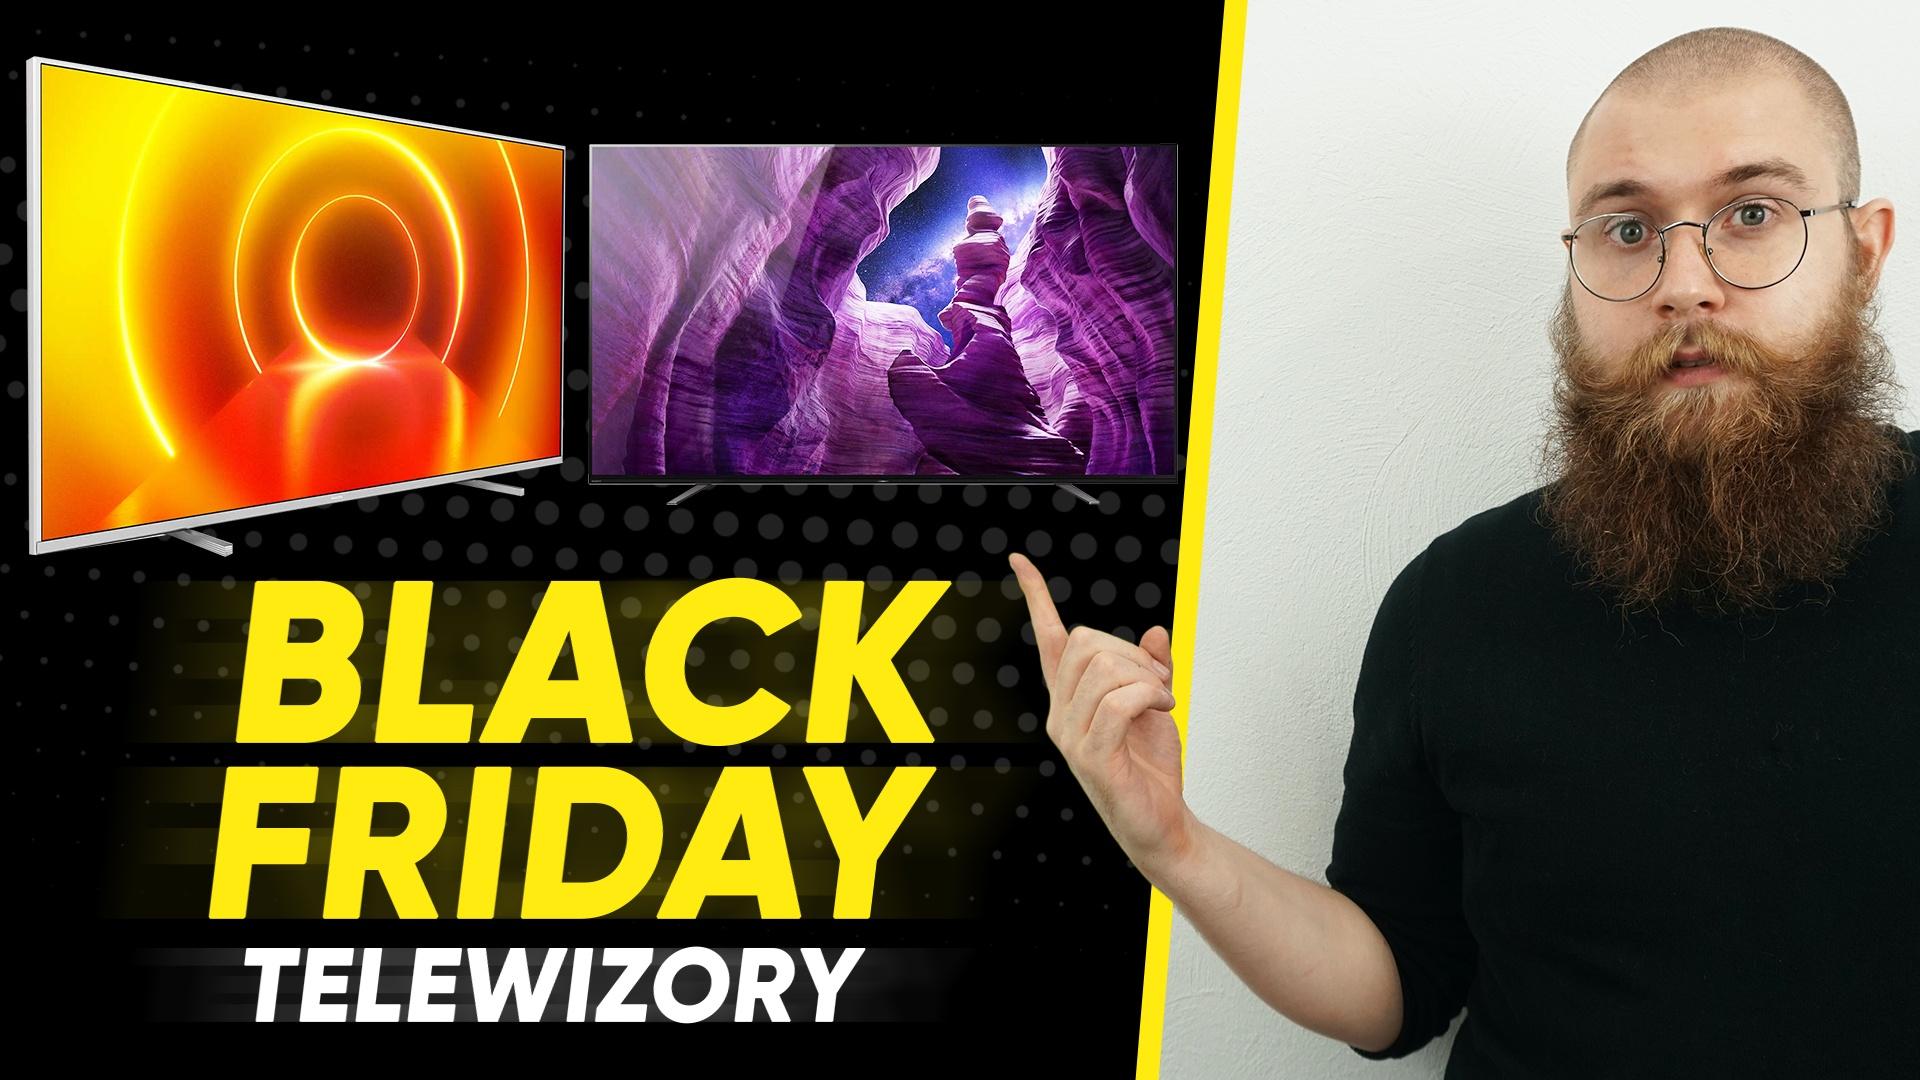 Telewizory w Media Expert na Black Friday